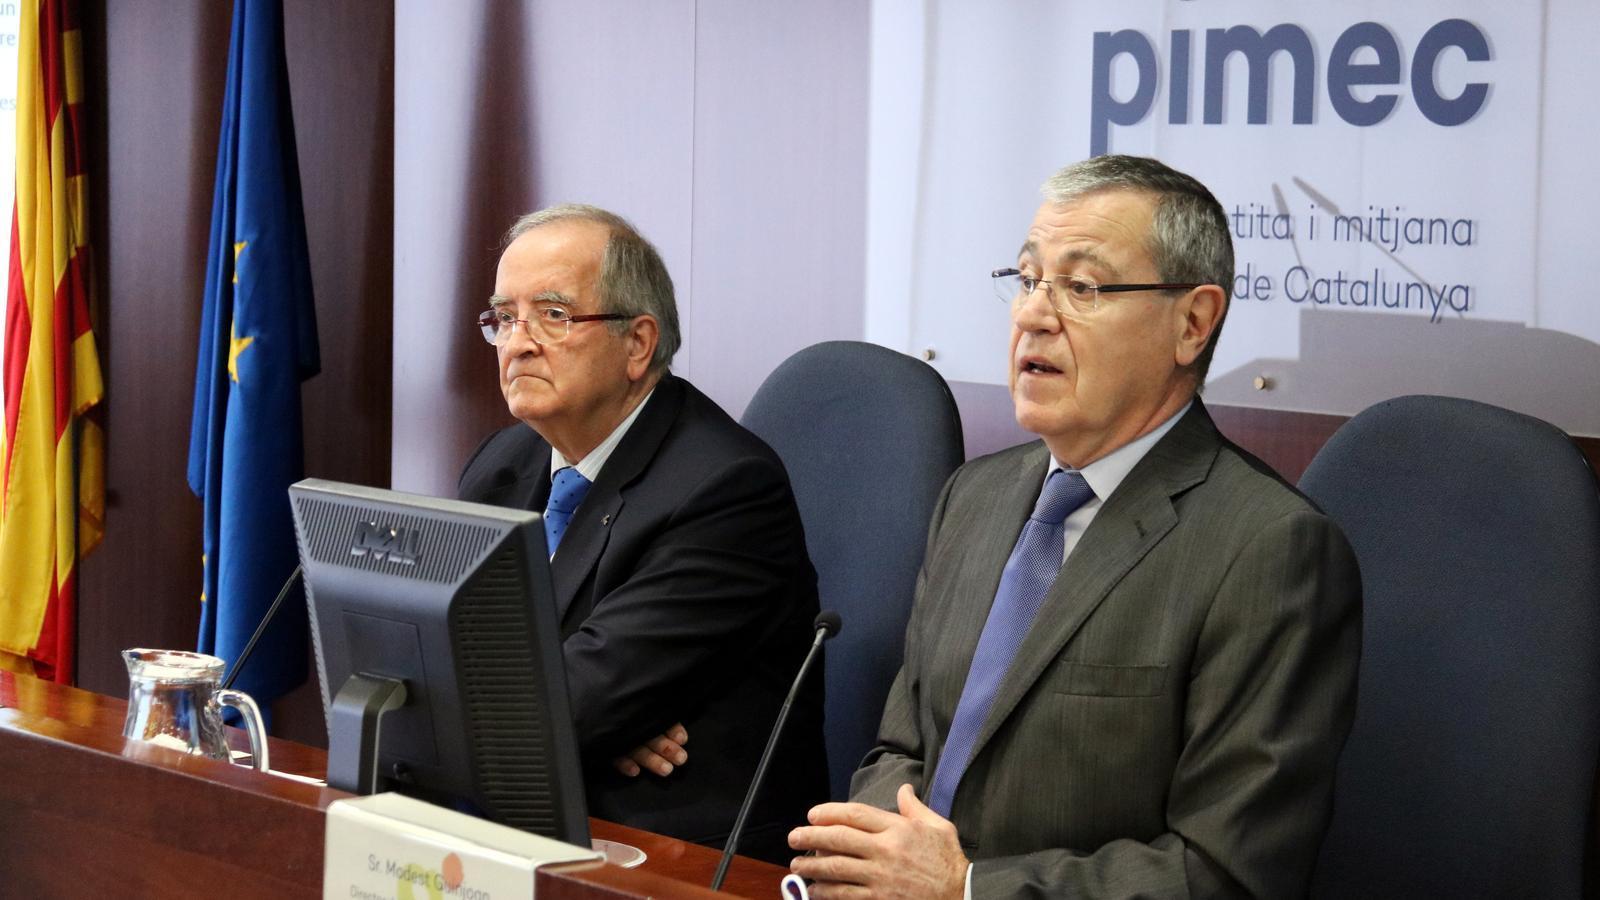 El president de Pimec, Josep González, i el director de l'Observatori, Modest Guinjoan.